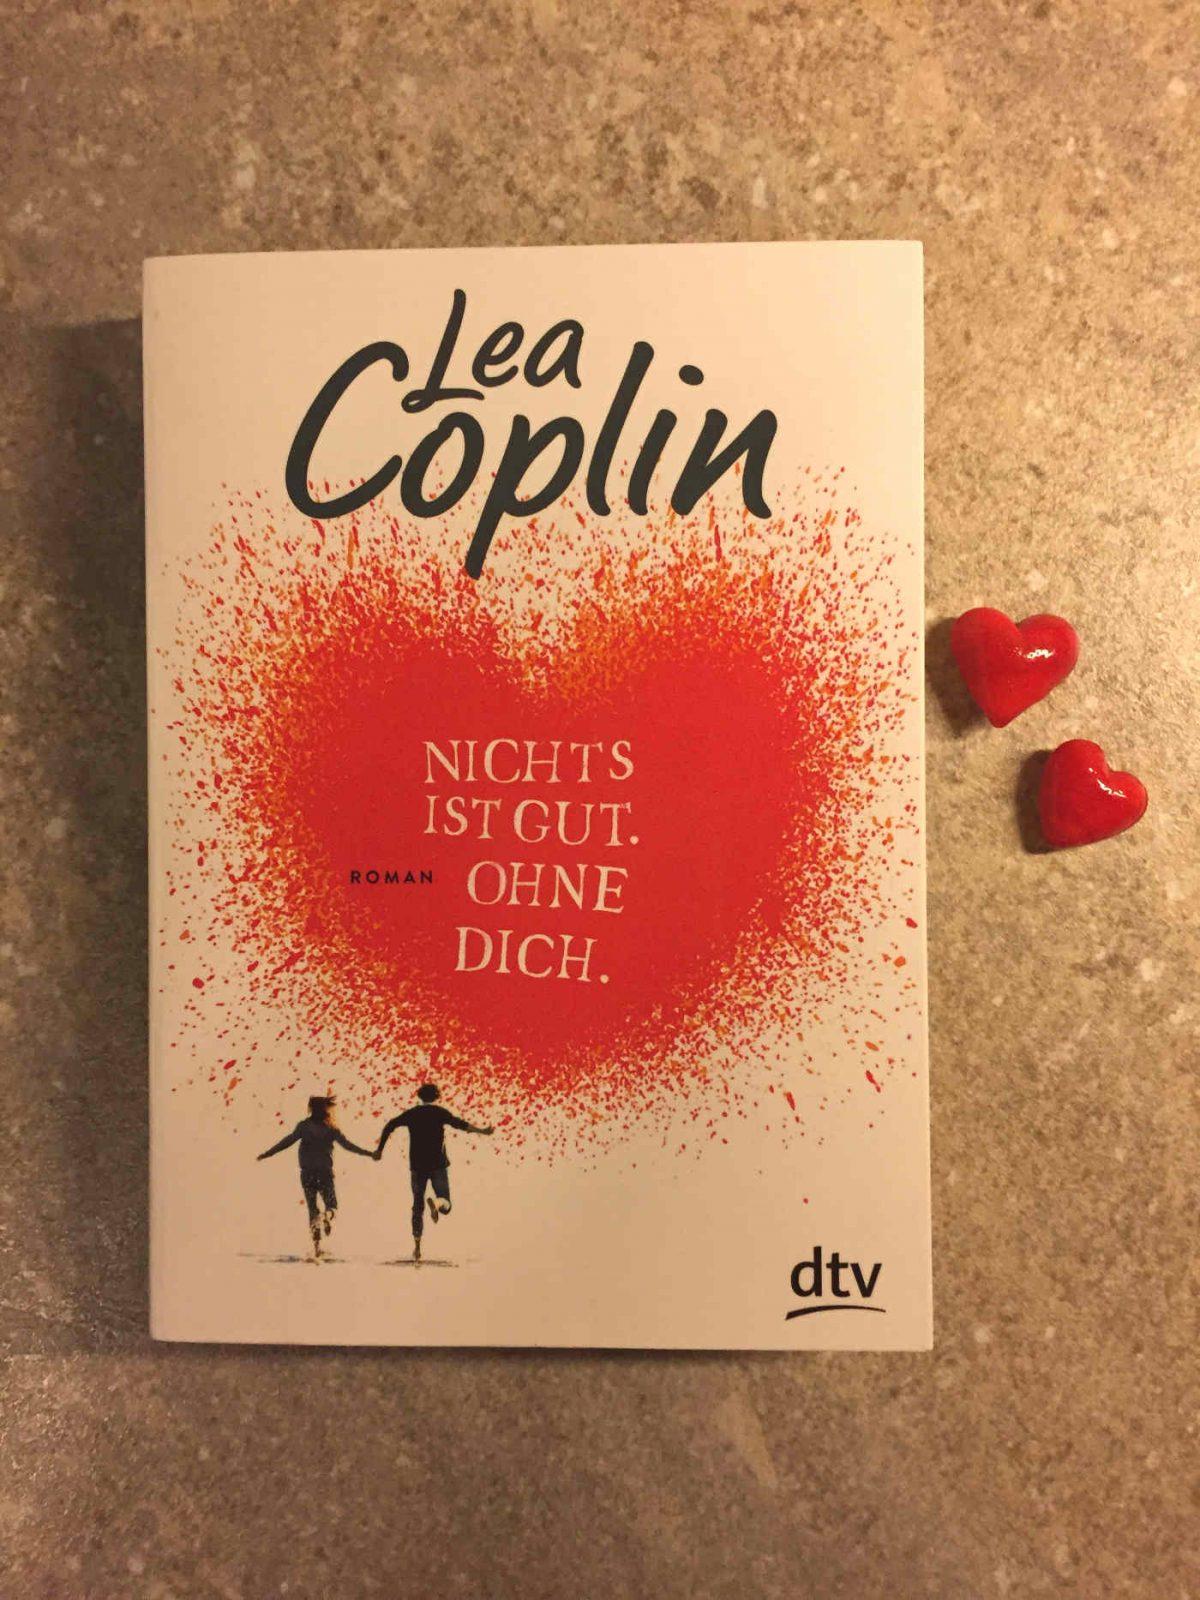 Lea Coplin Nichts ist gut Ohne dich Jugendbuchblog Brigitte Wallinger Buchtipp Buchempfehlung Kinderbuchblog geniales Jugendbuch